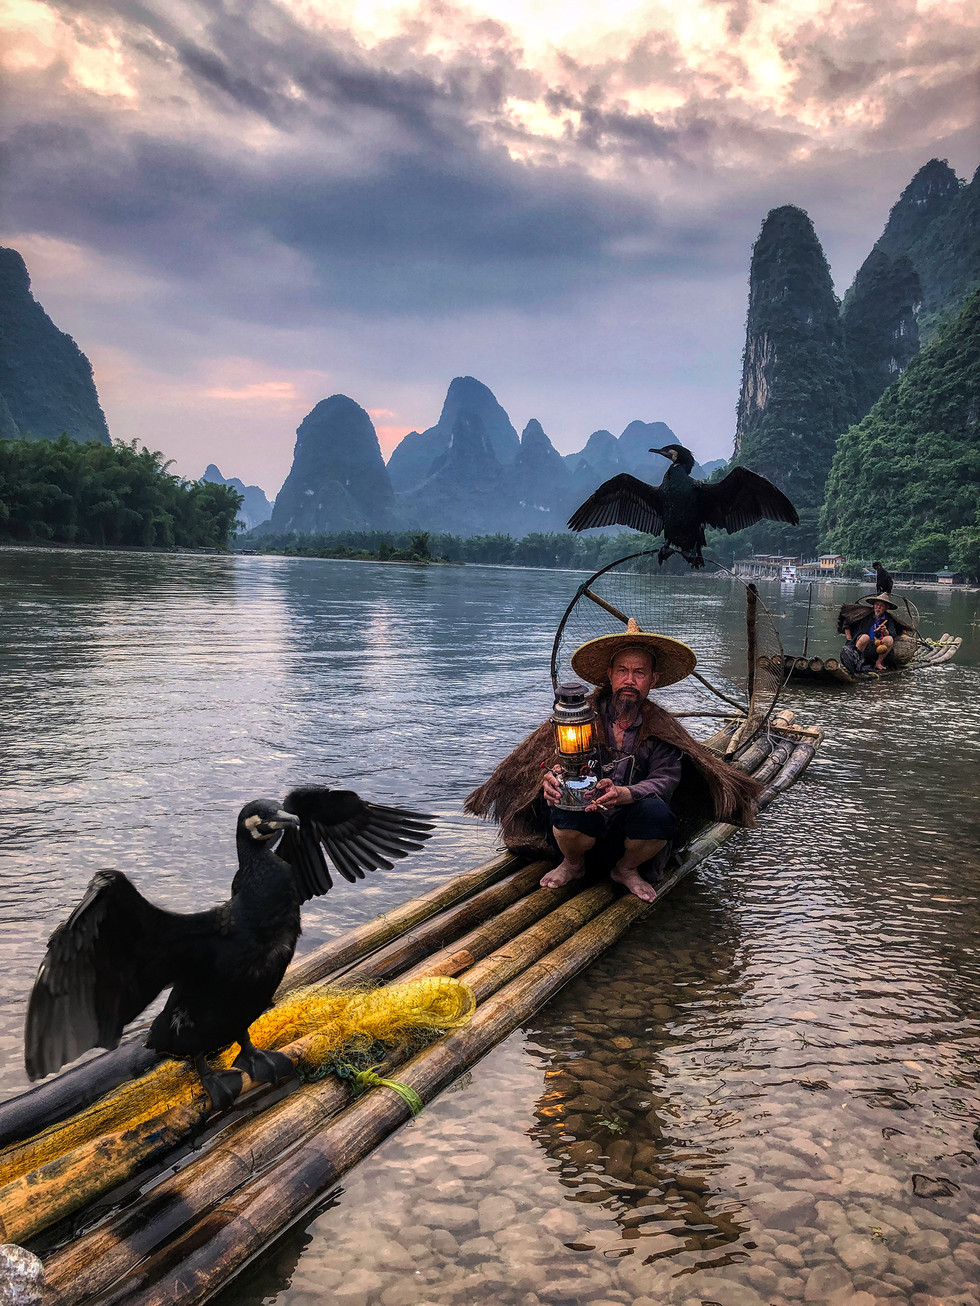 Fisherman at Xingping, China